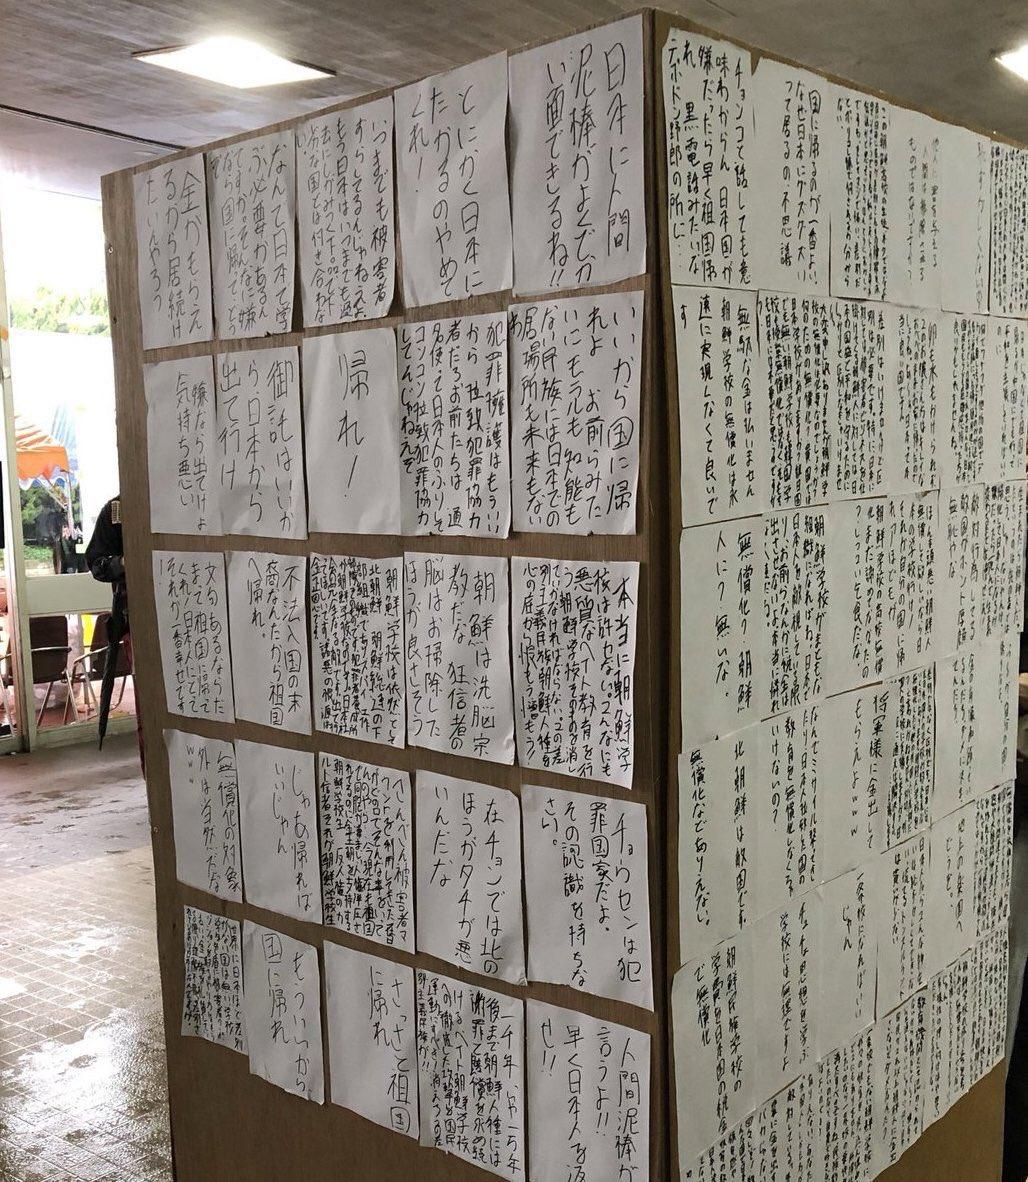 朝鮮高校 自演乙 美術部 ひどいヘイトコメント ハングルに関連した画像-02